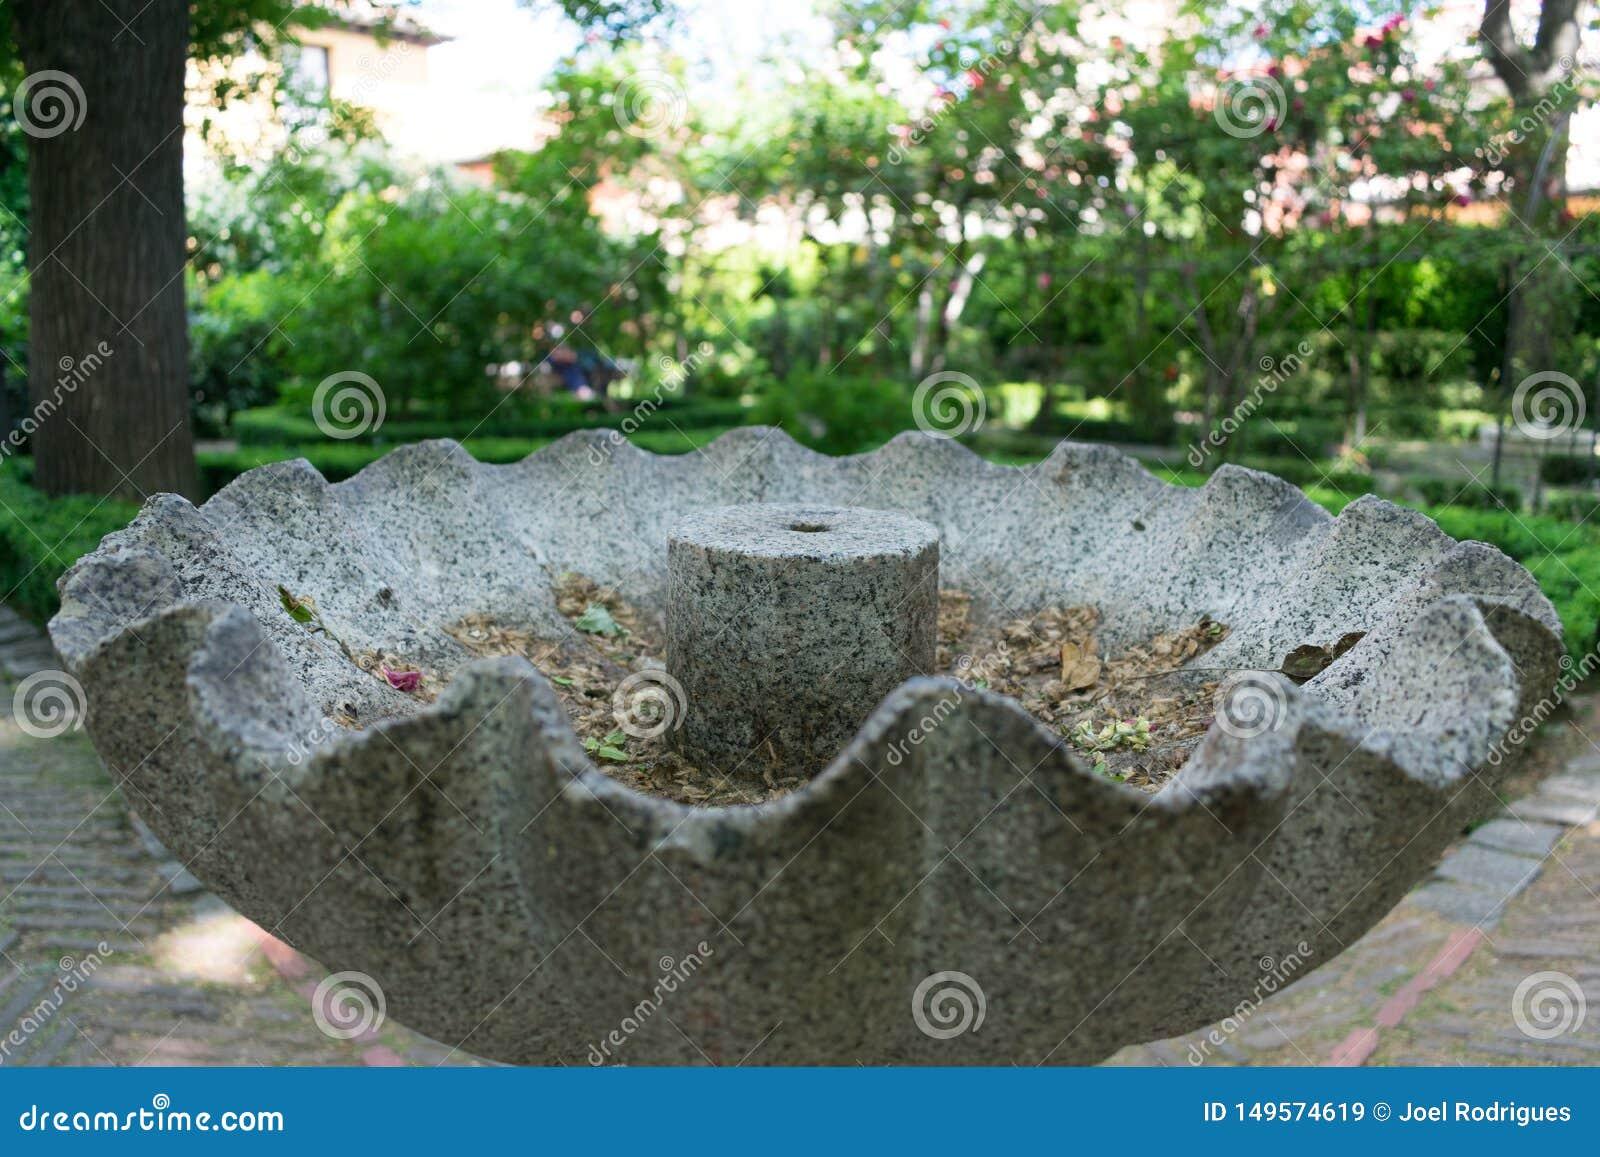 Крупный план старого серого каменного фонтана в парке